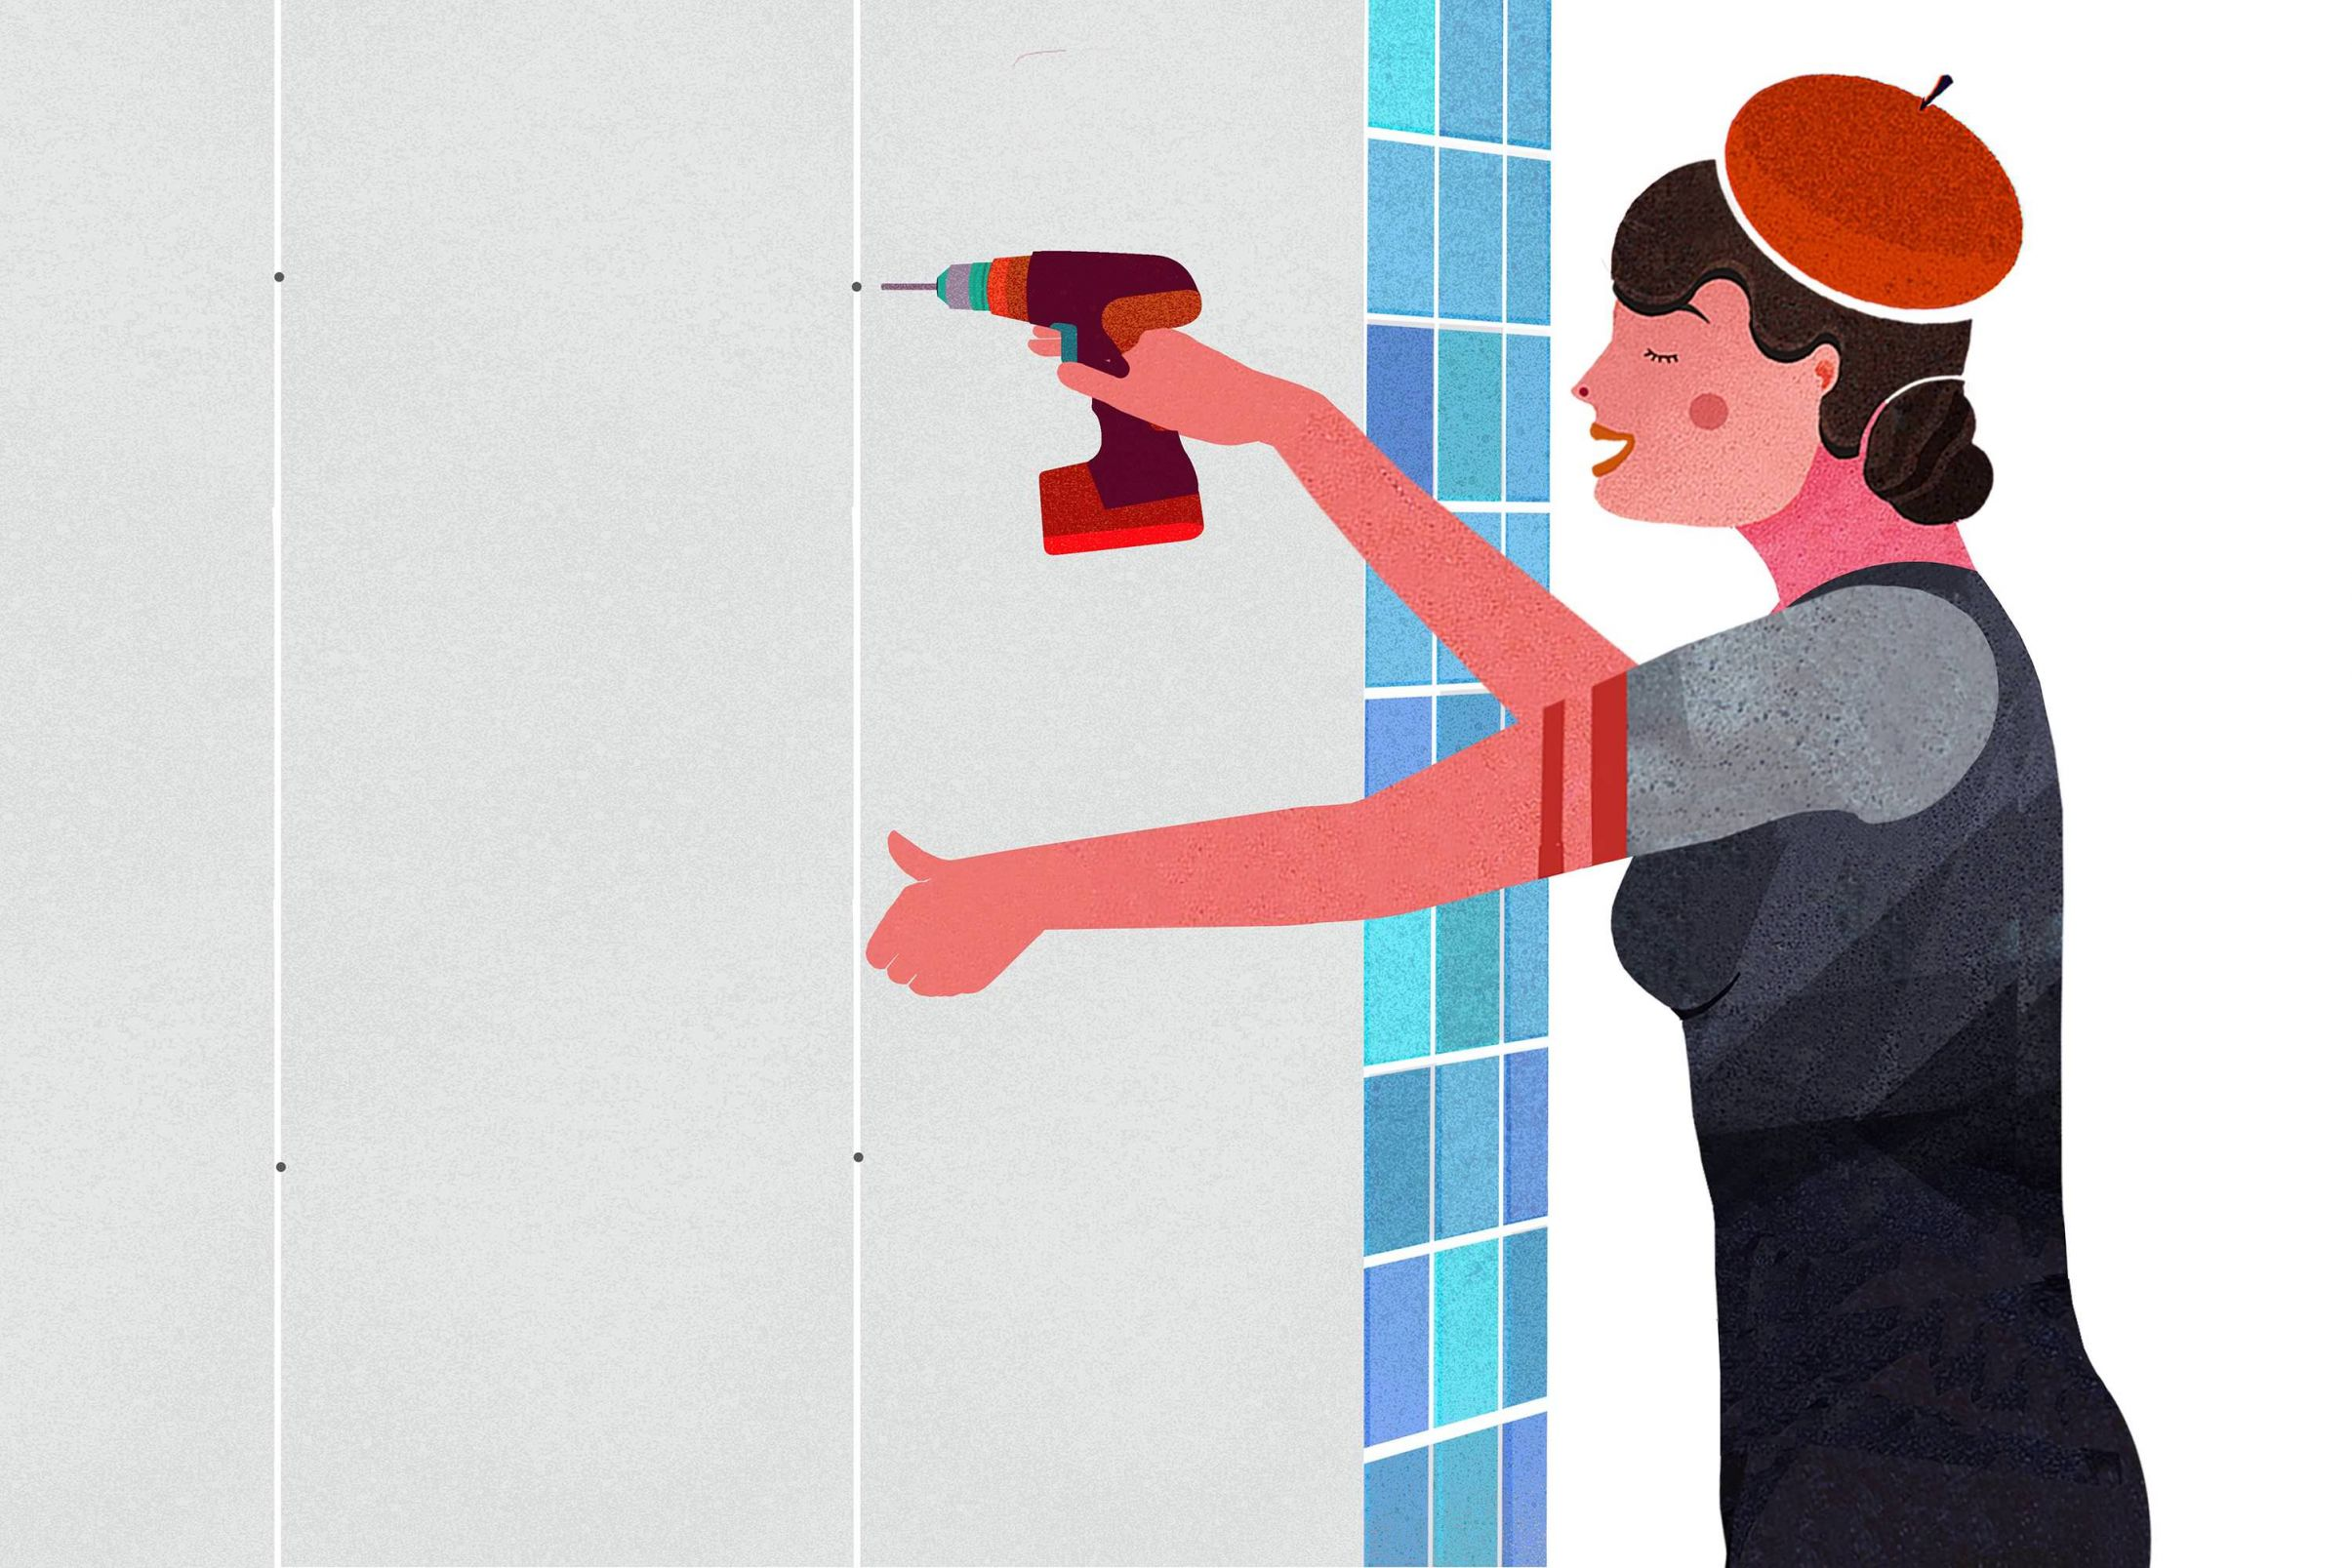 Como-colocar-papel-de-parede-no-banheiro-Montagem-de-paineis-de-drywall-furar-o-rejunte